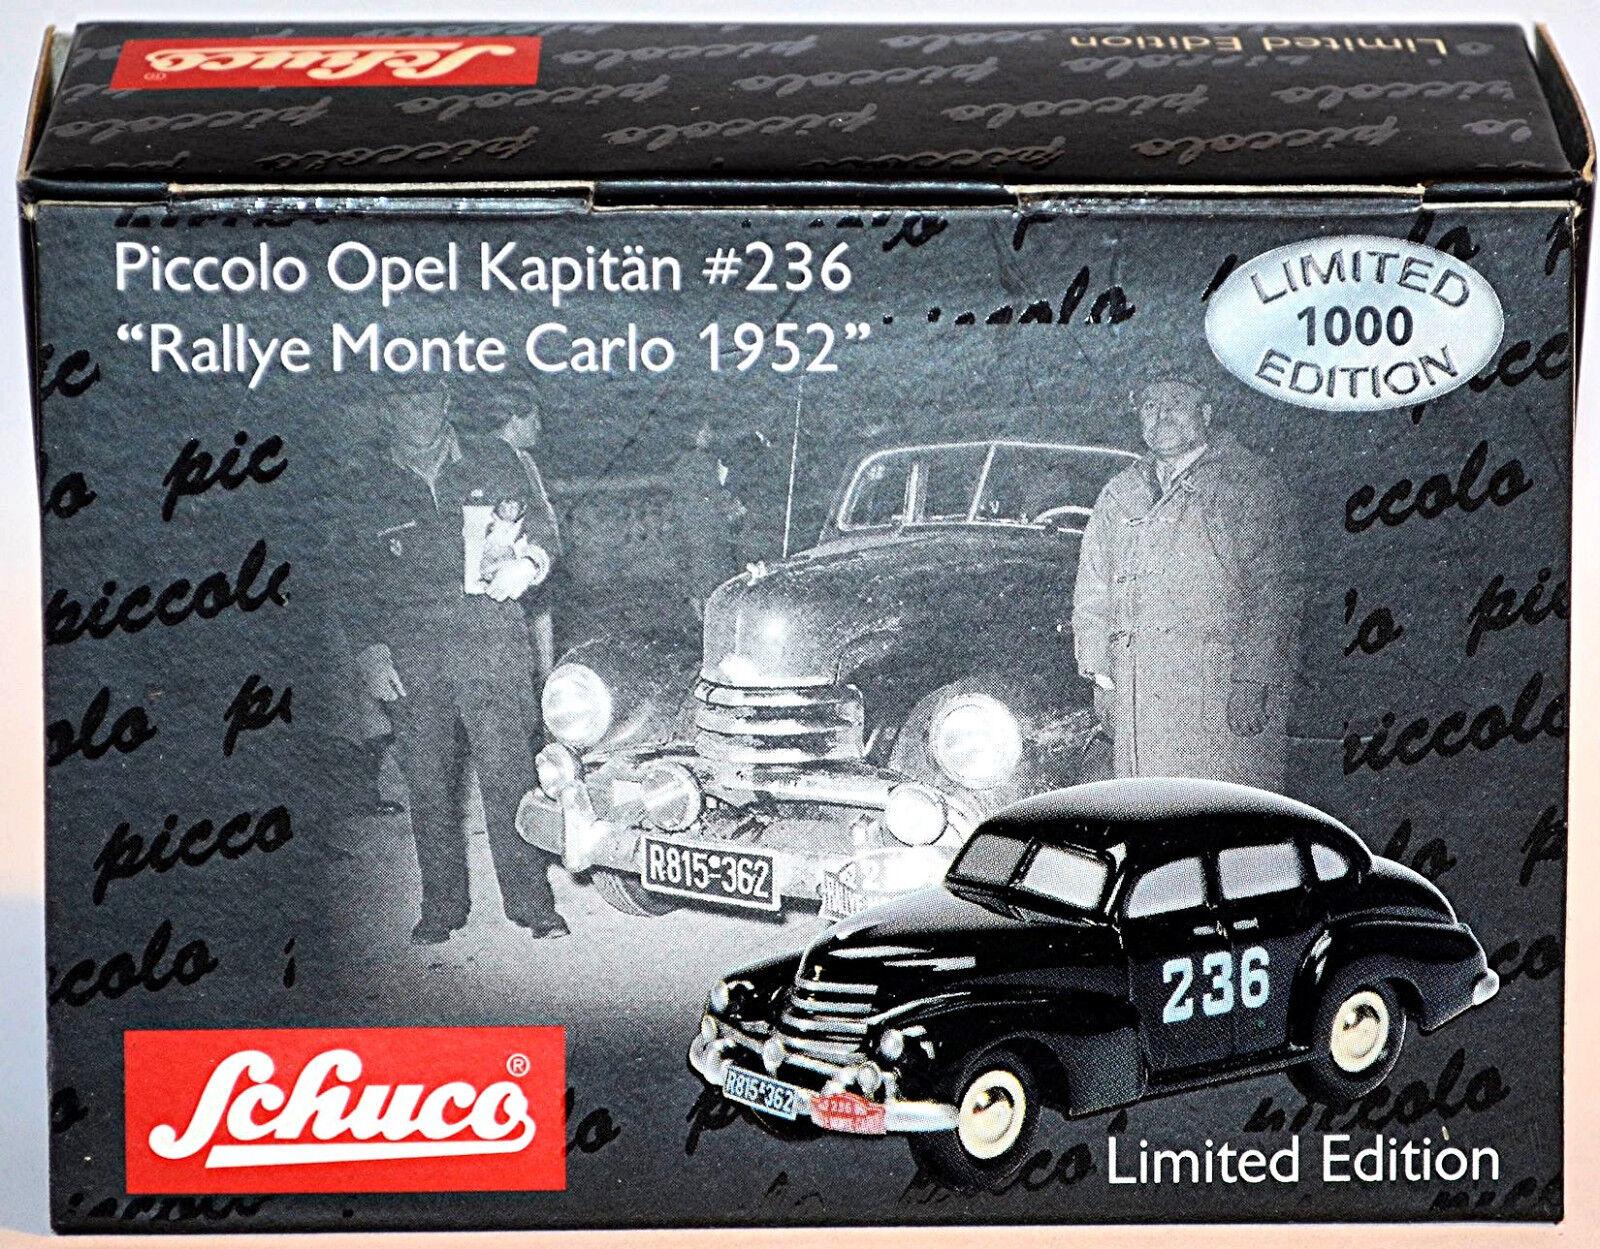 Opel Capitano rallye Monte billo 1952 svkonst 1 90 schuco Piccolo 01572